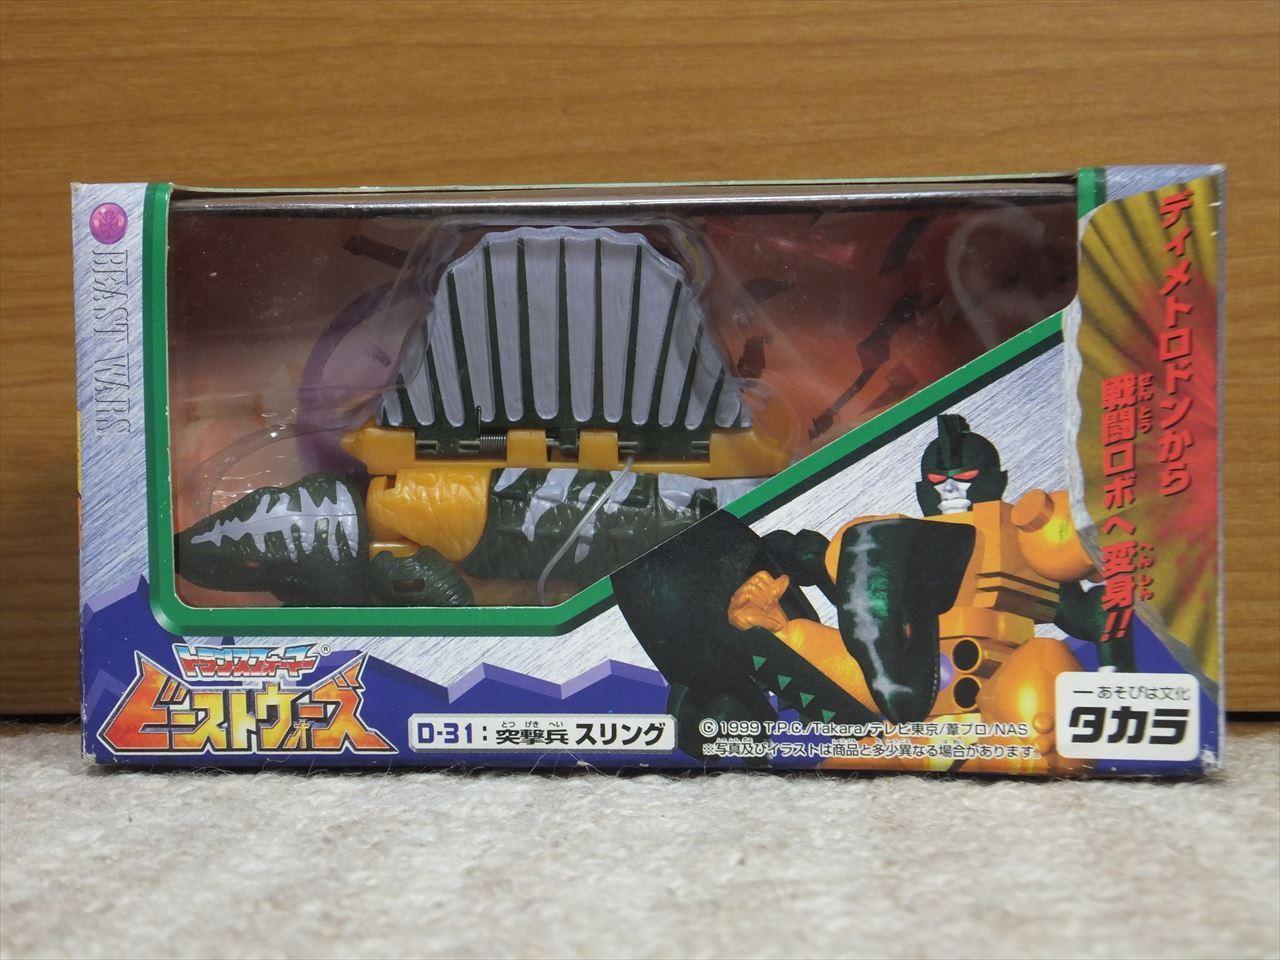 Transformers Beast Wars TAKARA D-31 DESTRON SLING rare